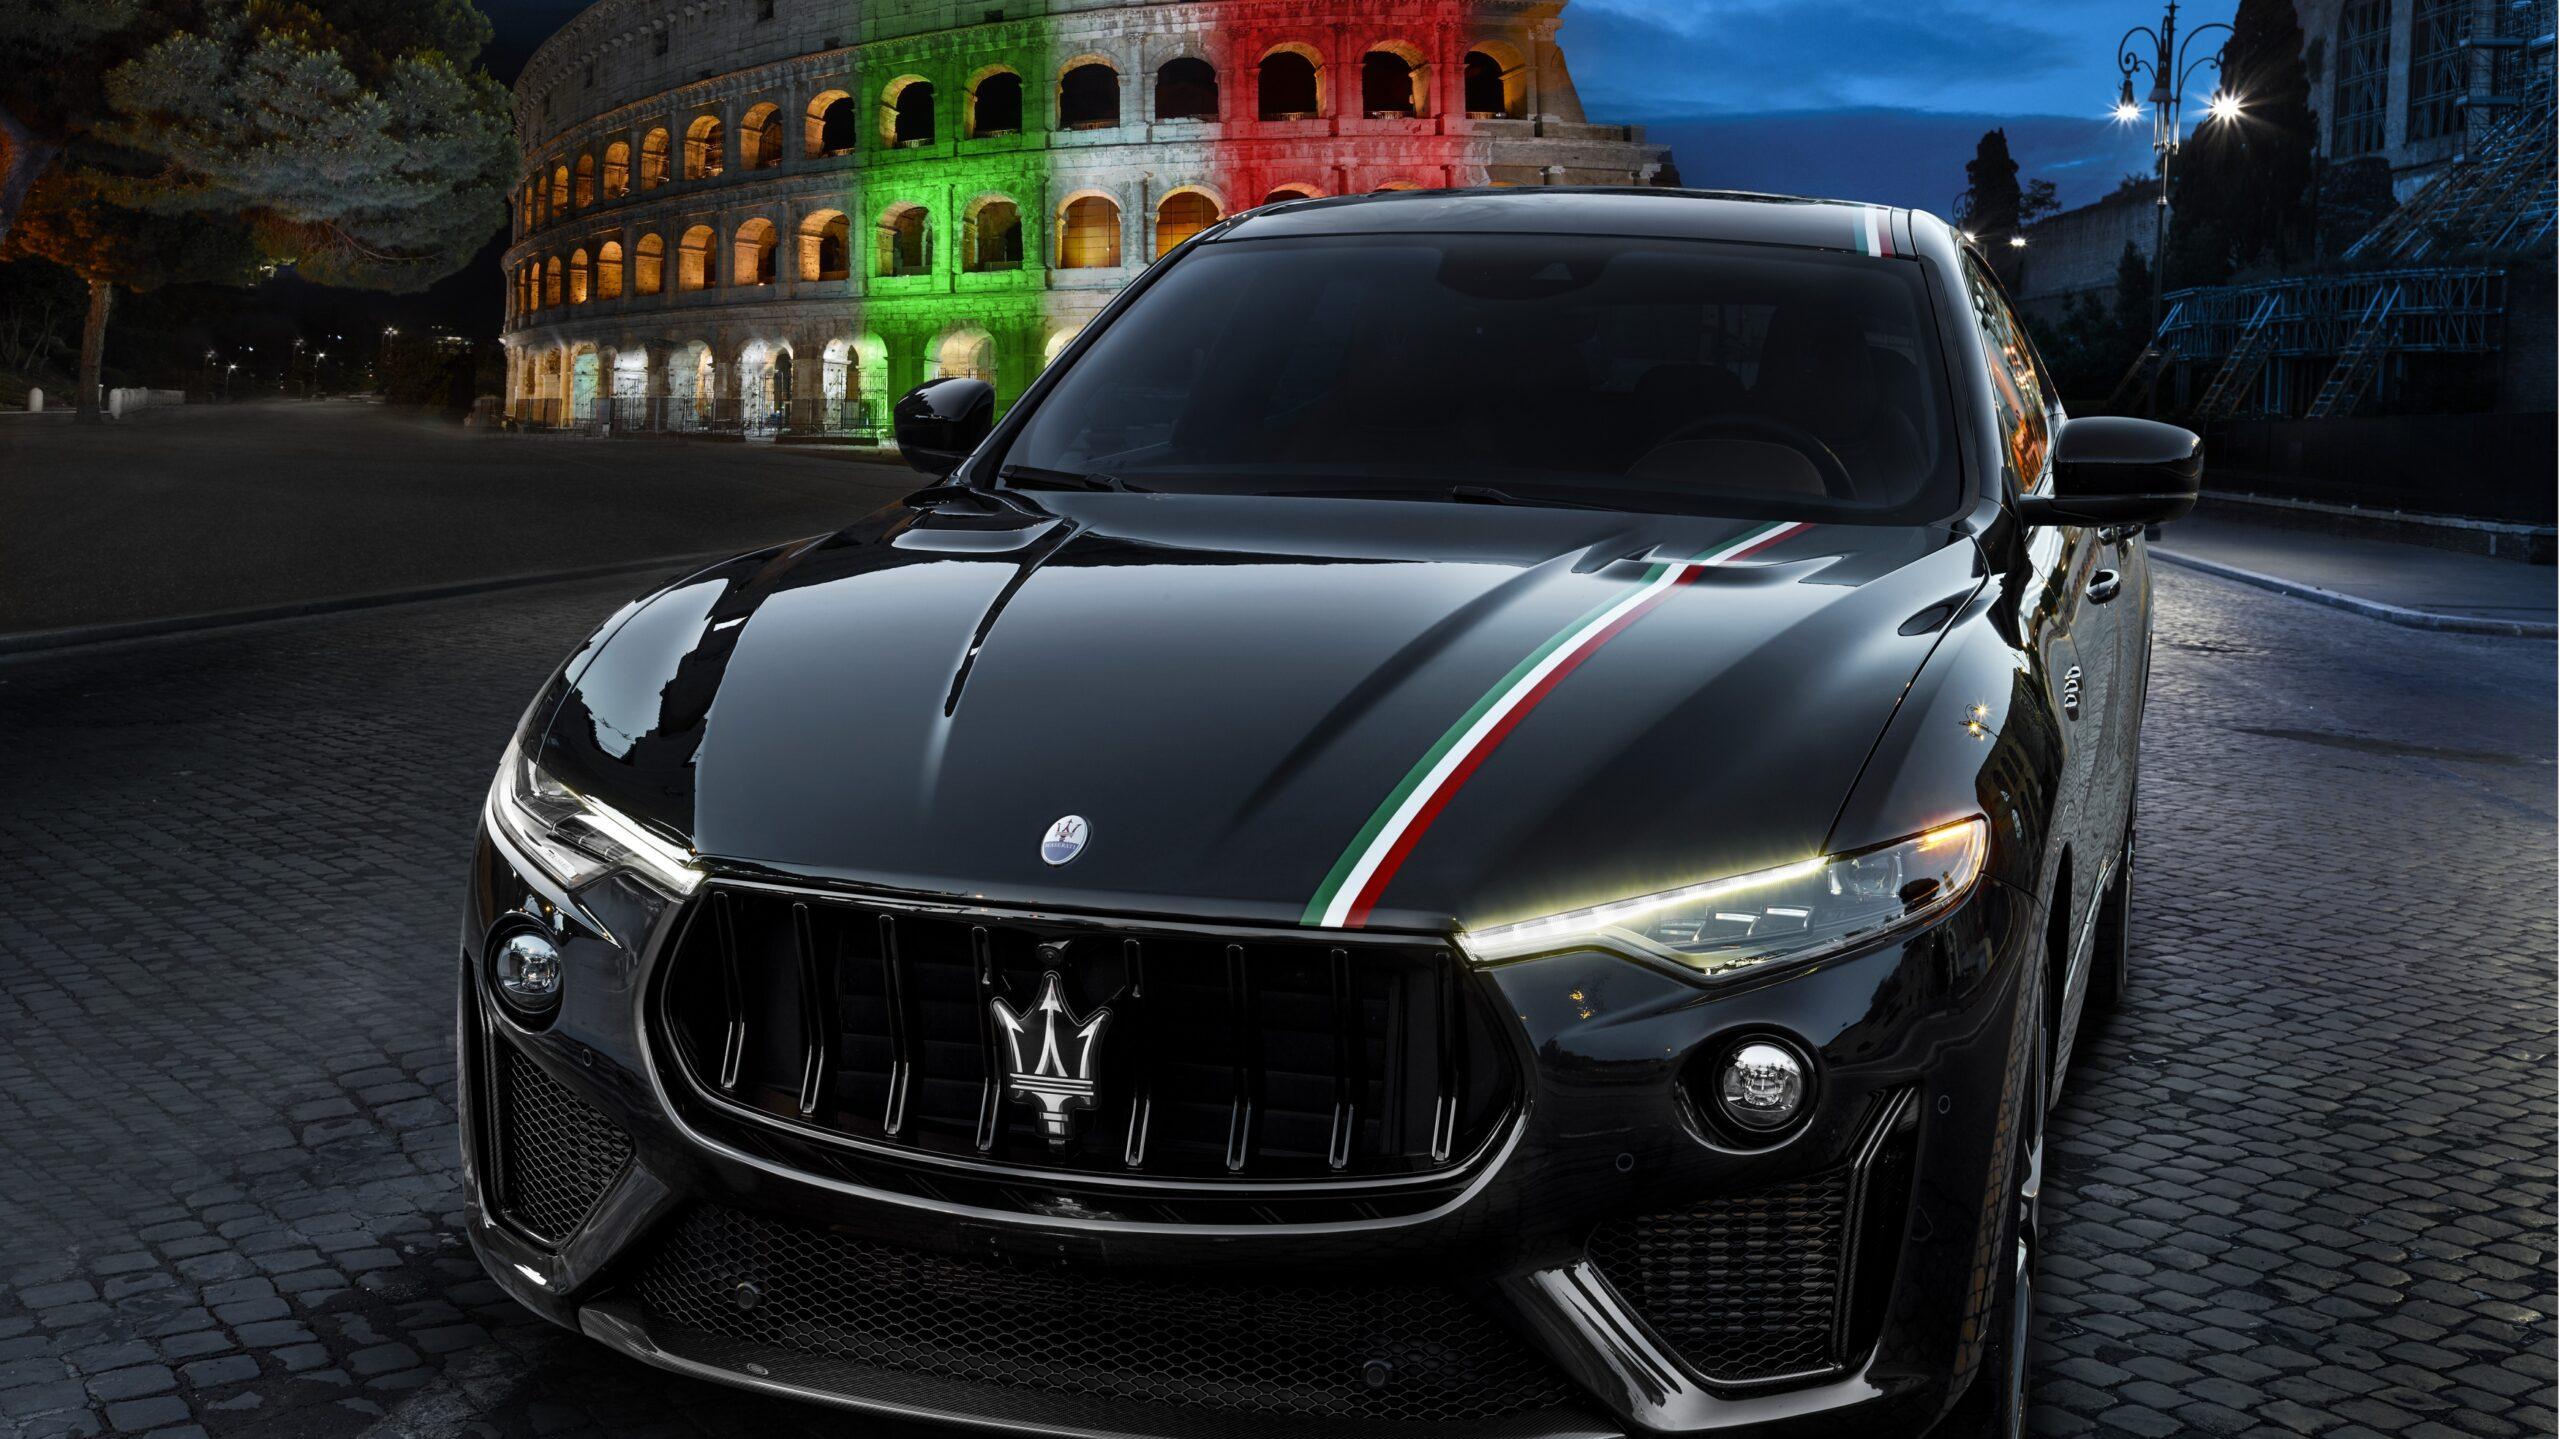 Na obrazku znajduje się Maserati Levante w kolorze czarnym.